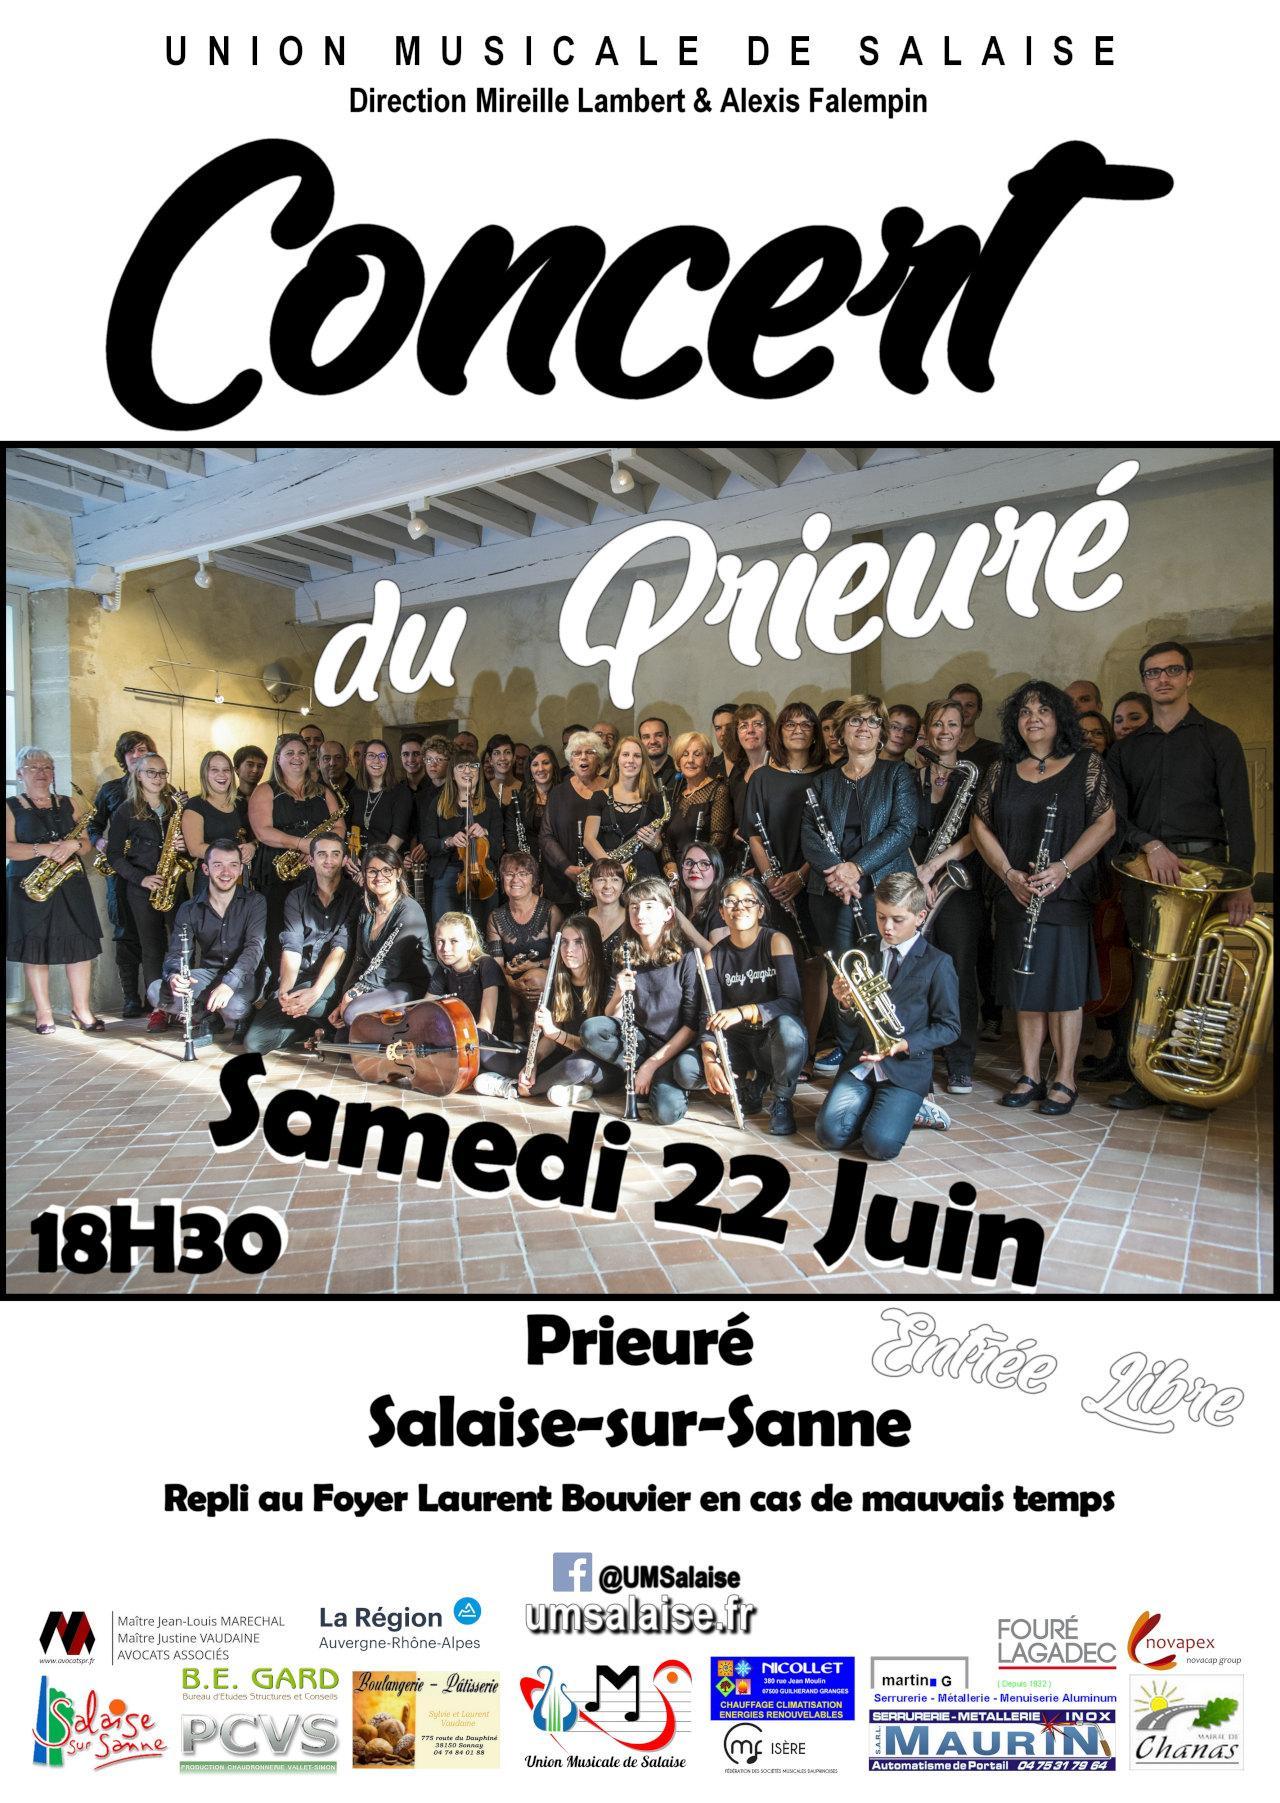 union musicale de salaise concert prieure